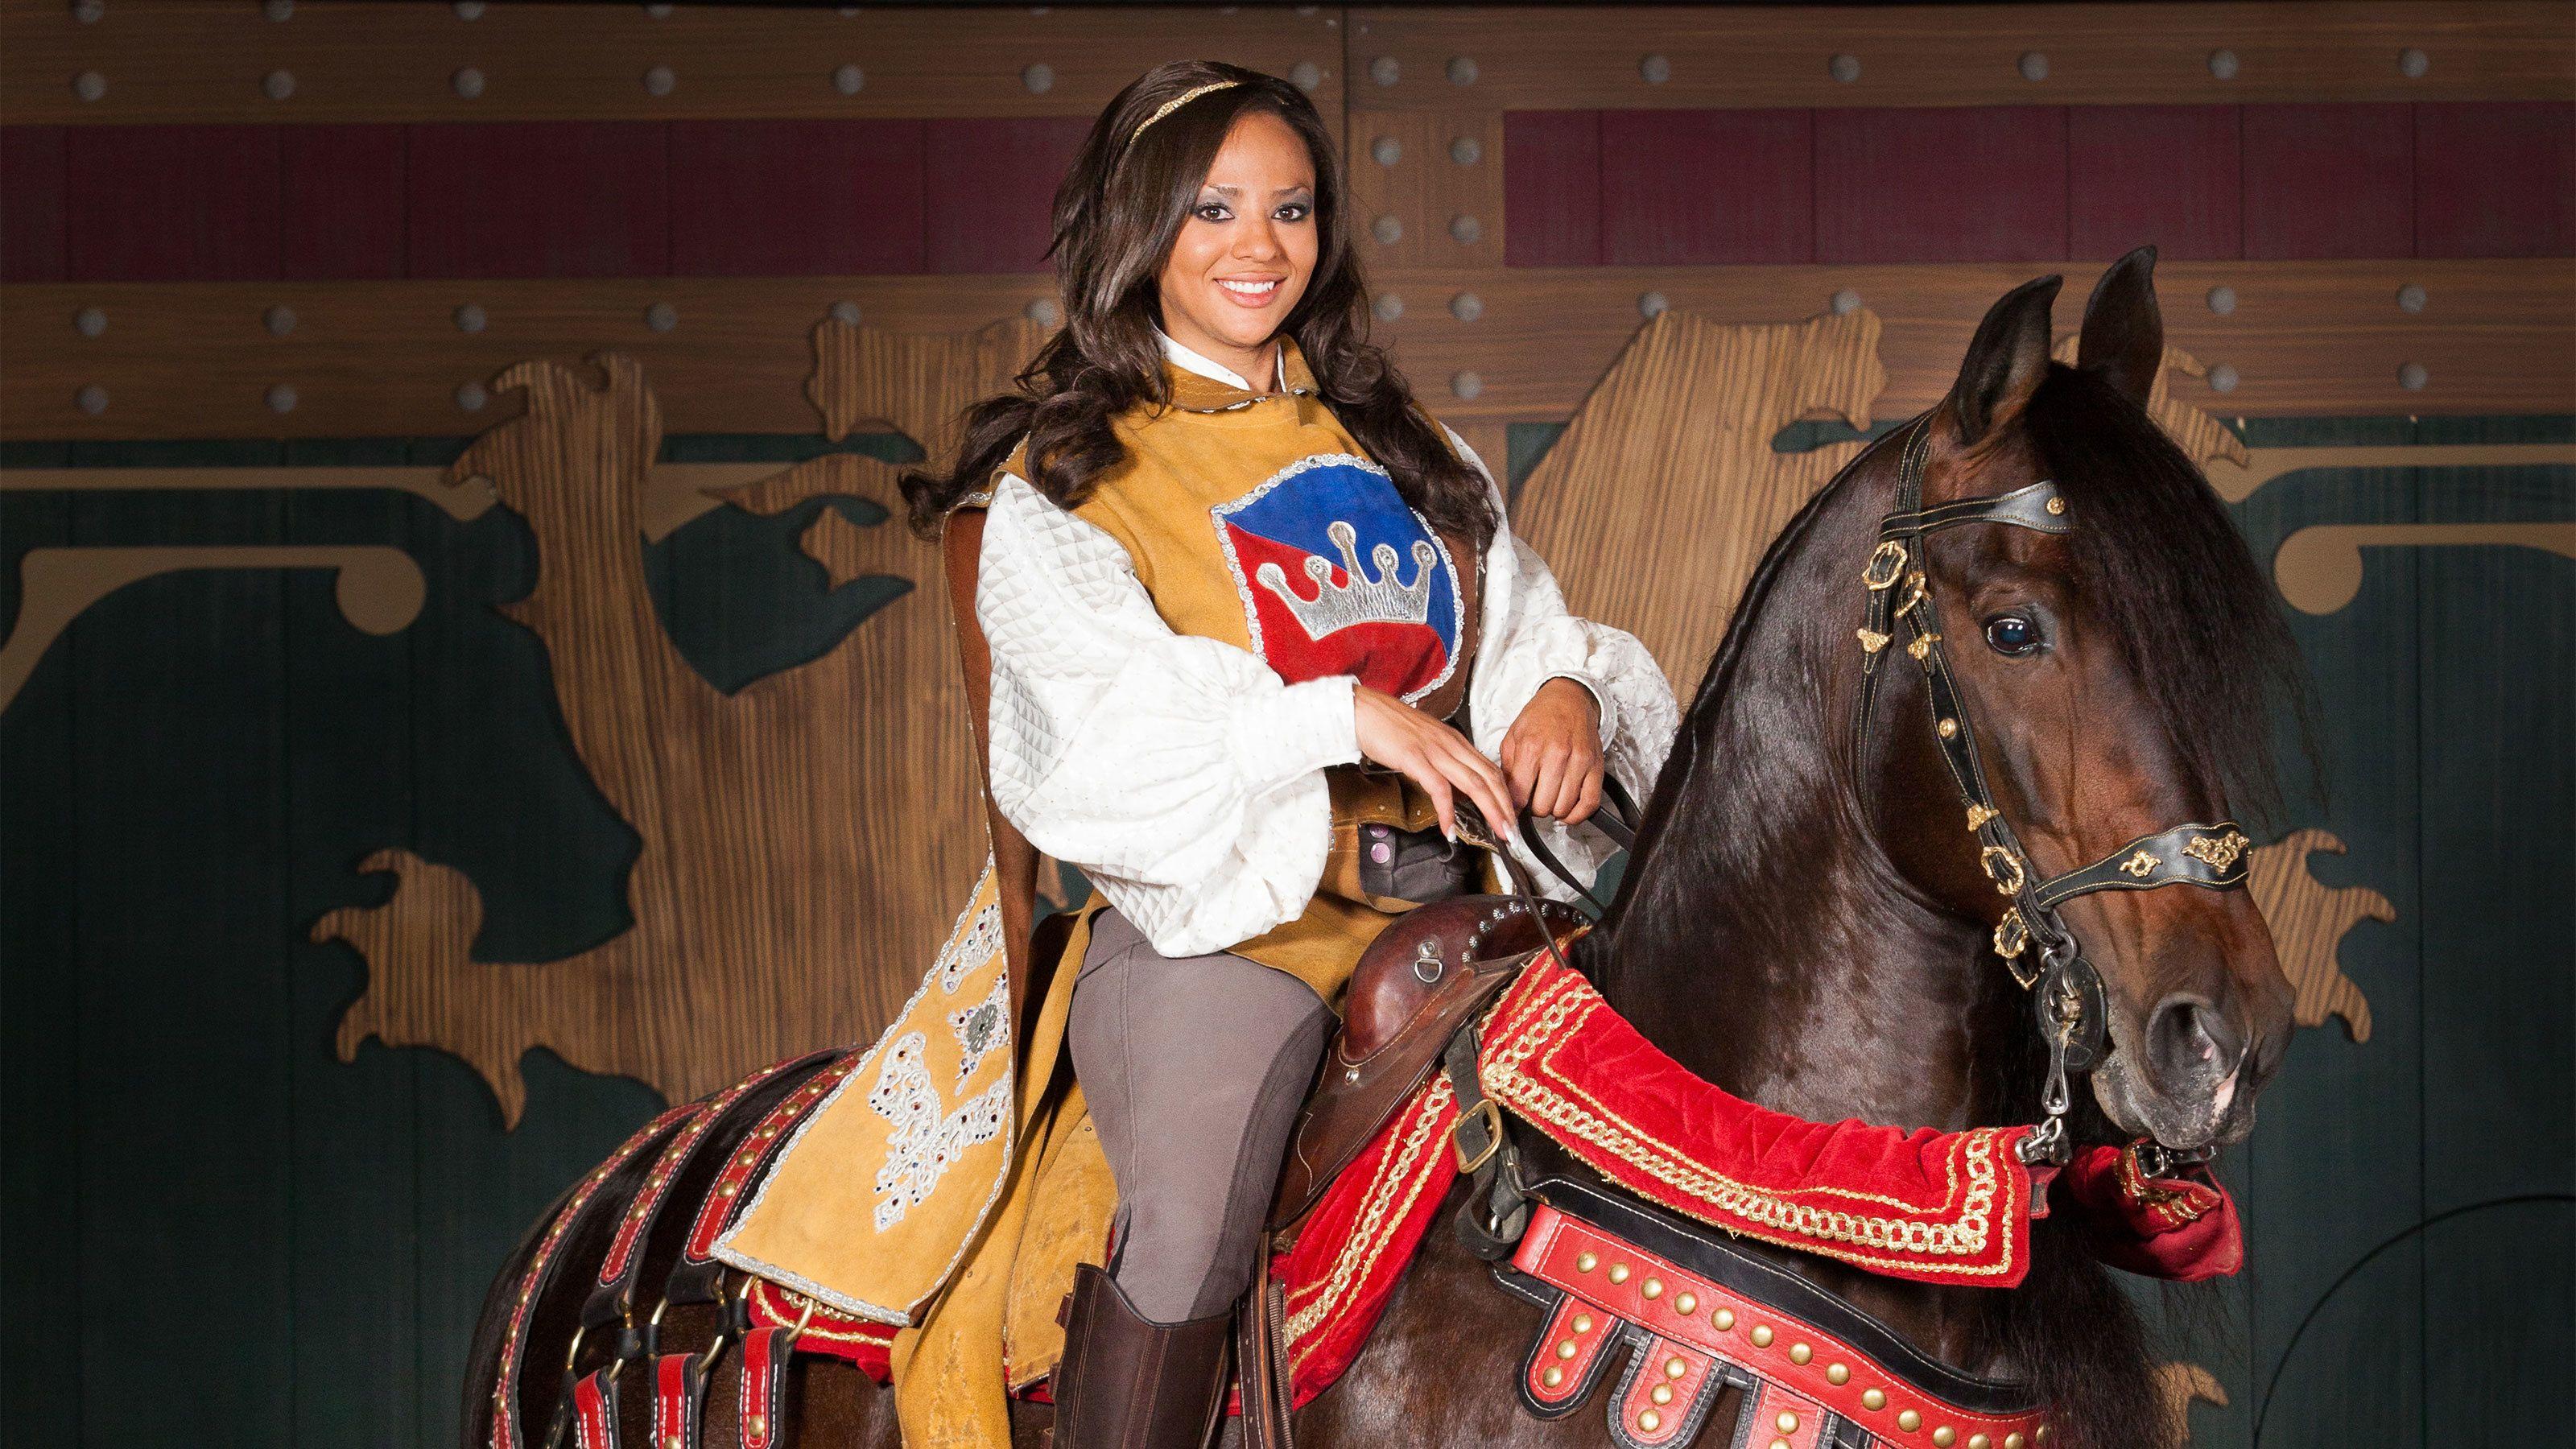 Heroine on horseback at the tournament of kings dinner show in Las Vegas